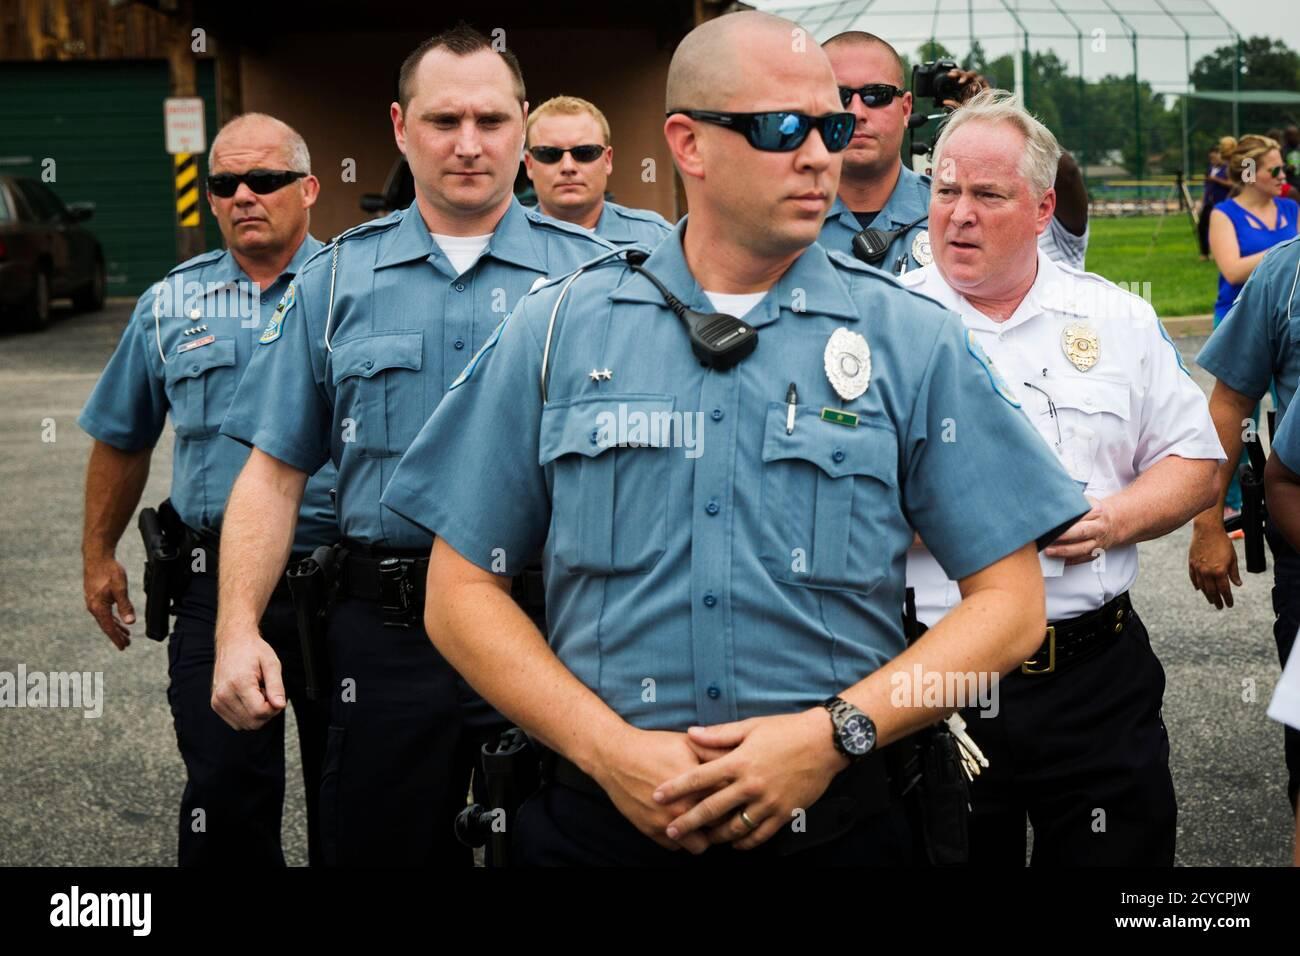 Ferguson Police Chief Thomas Jackson (R) geht weg von einer Medien-Verfügbarkeit für sein Büro Umgang mit der Veröffentlichung von Informationen nach den Dreharbeiten von Michael Brown in Ferguson, Missouri 15. August 2014. Bild 15. August 2014.  REUTERS/Lucas Jackson (Vereinigte Staaten - Tags: Unruhen Verbrechen Recht Politik) Stockfoto